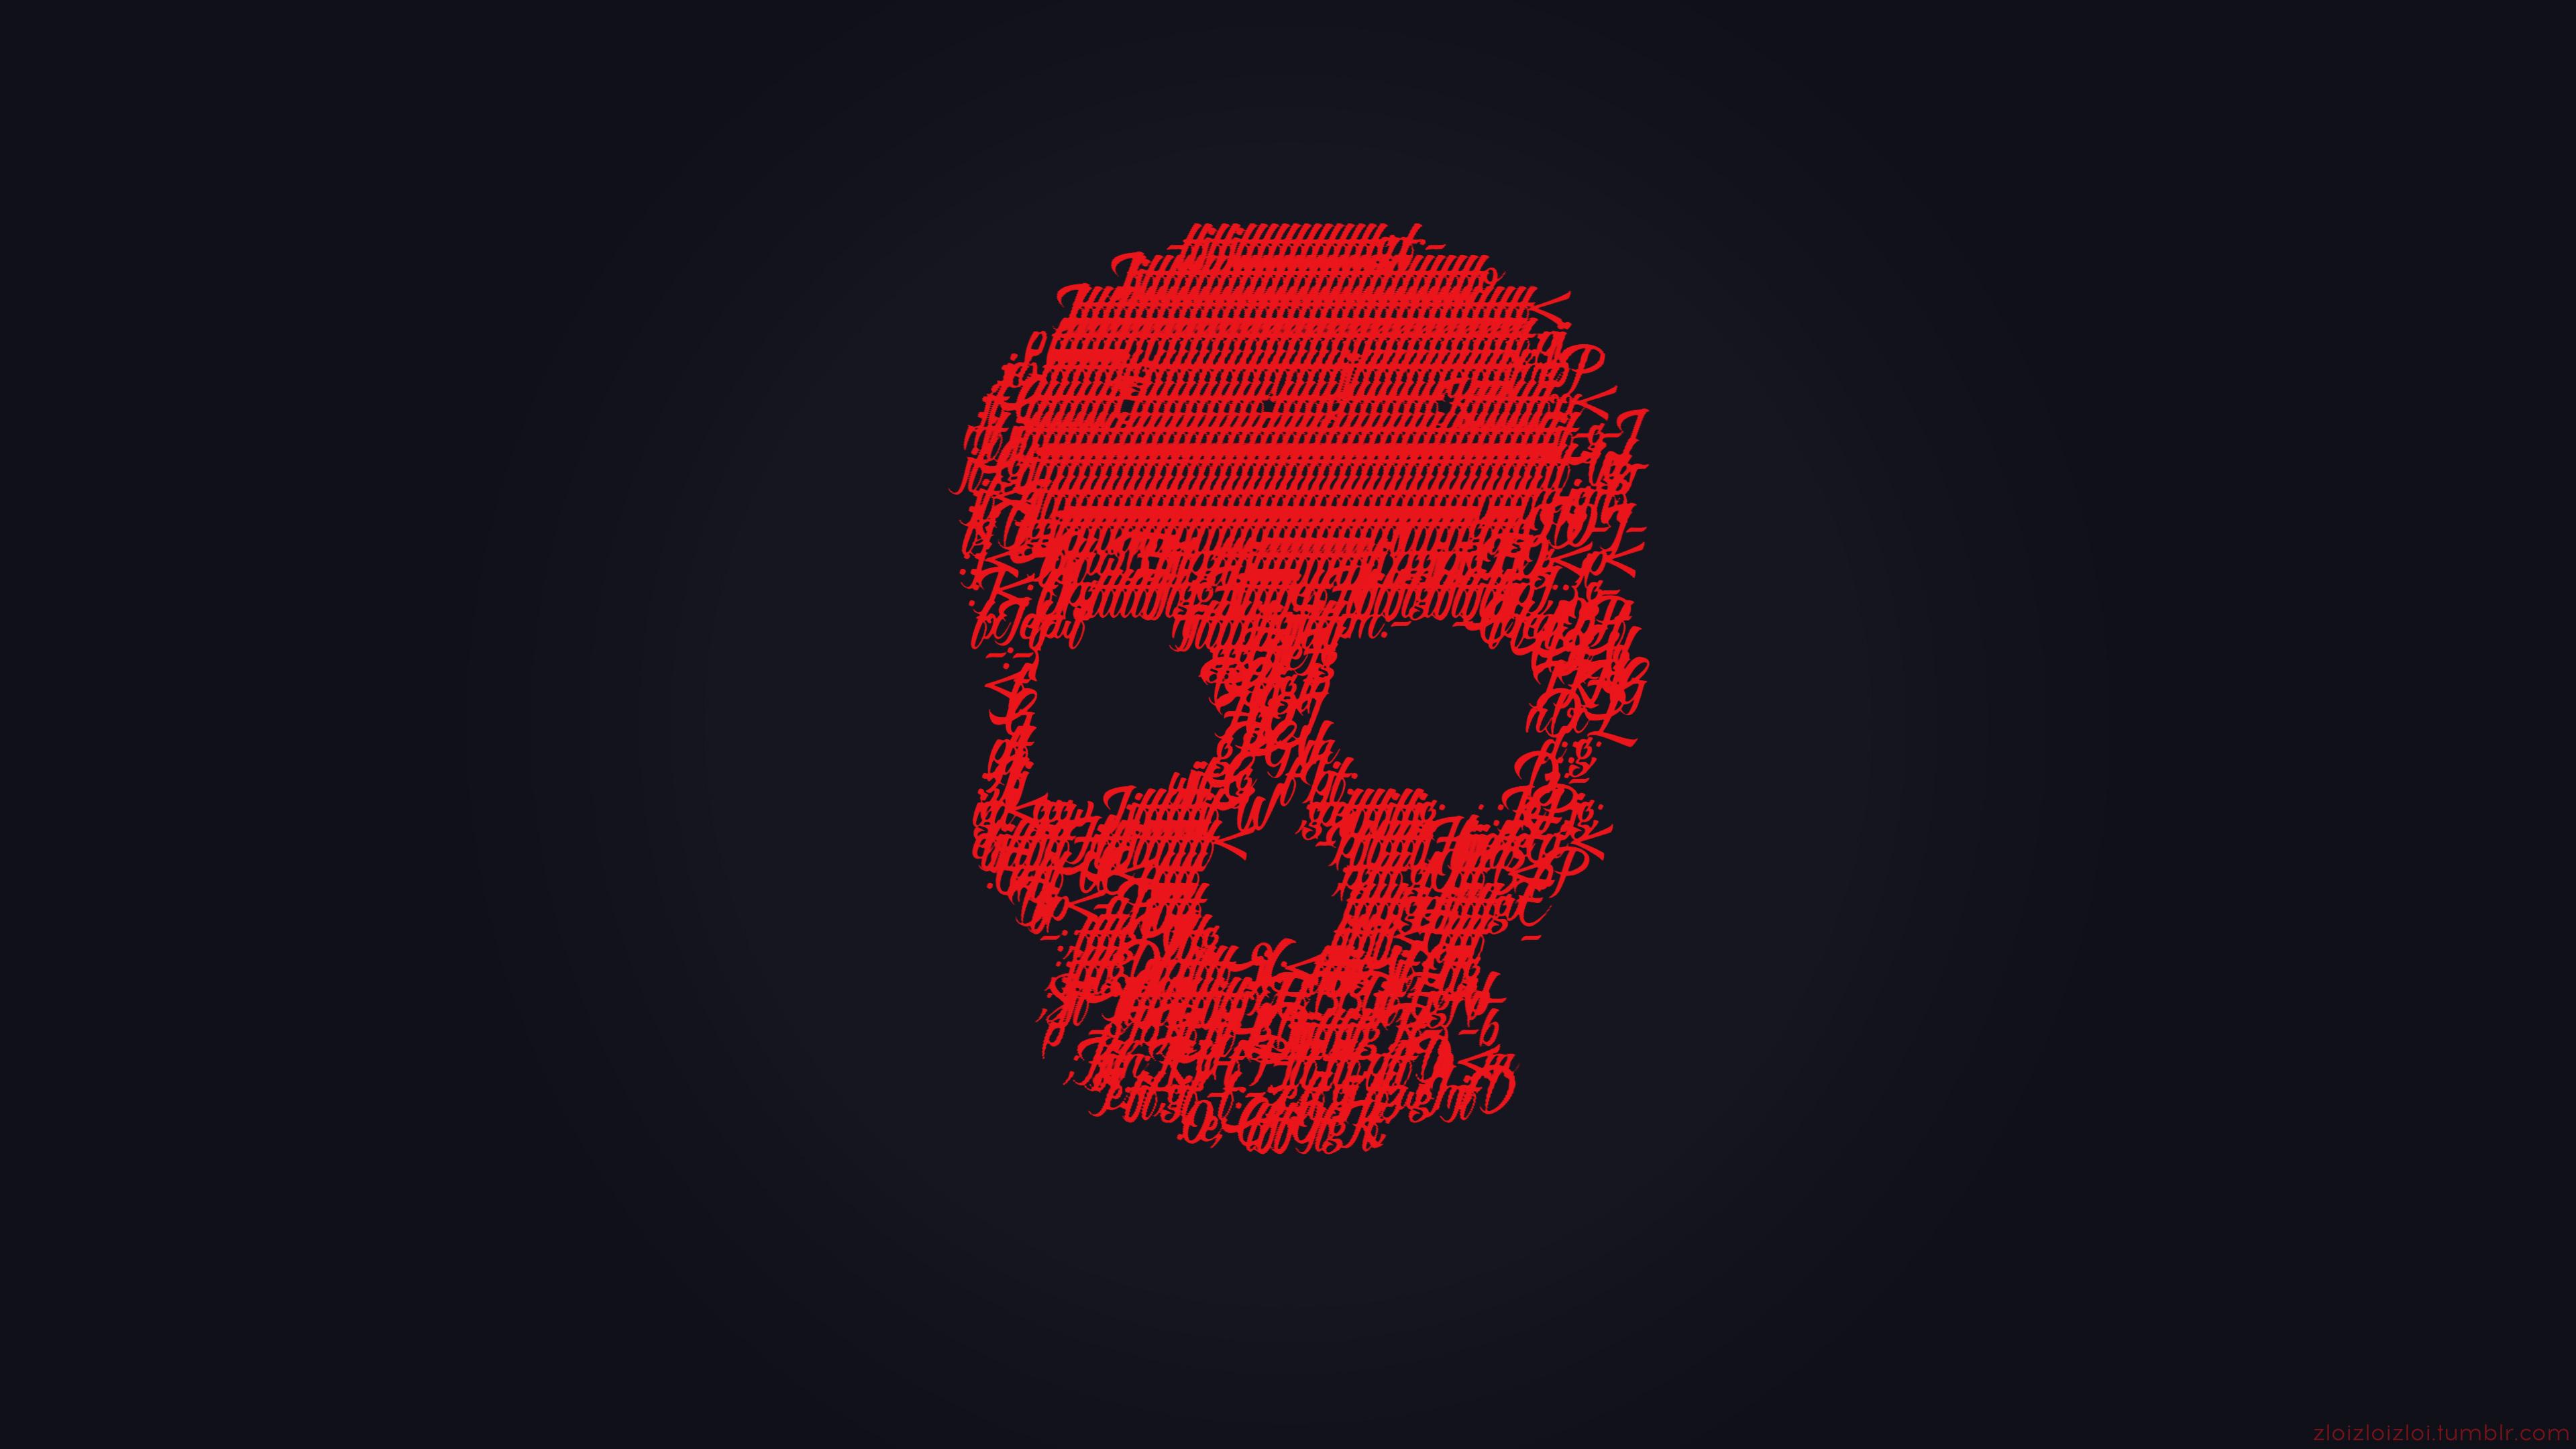 red skull 4k 1540752899 - Red Skull 4k - skull wallpapers, hd-wallpapers, digital art wallpapers, artwork wallpapers, artist wallpapers, 4k-wallpapers